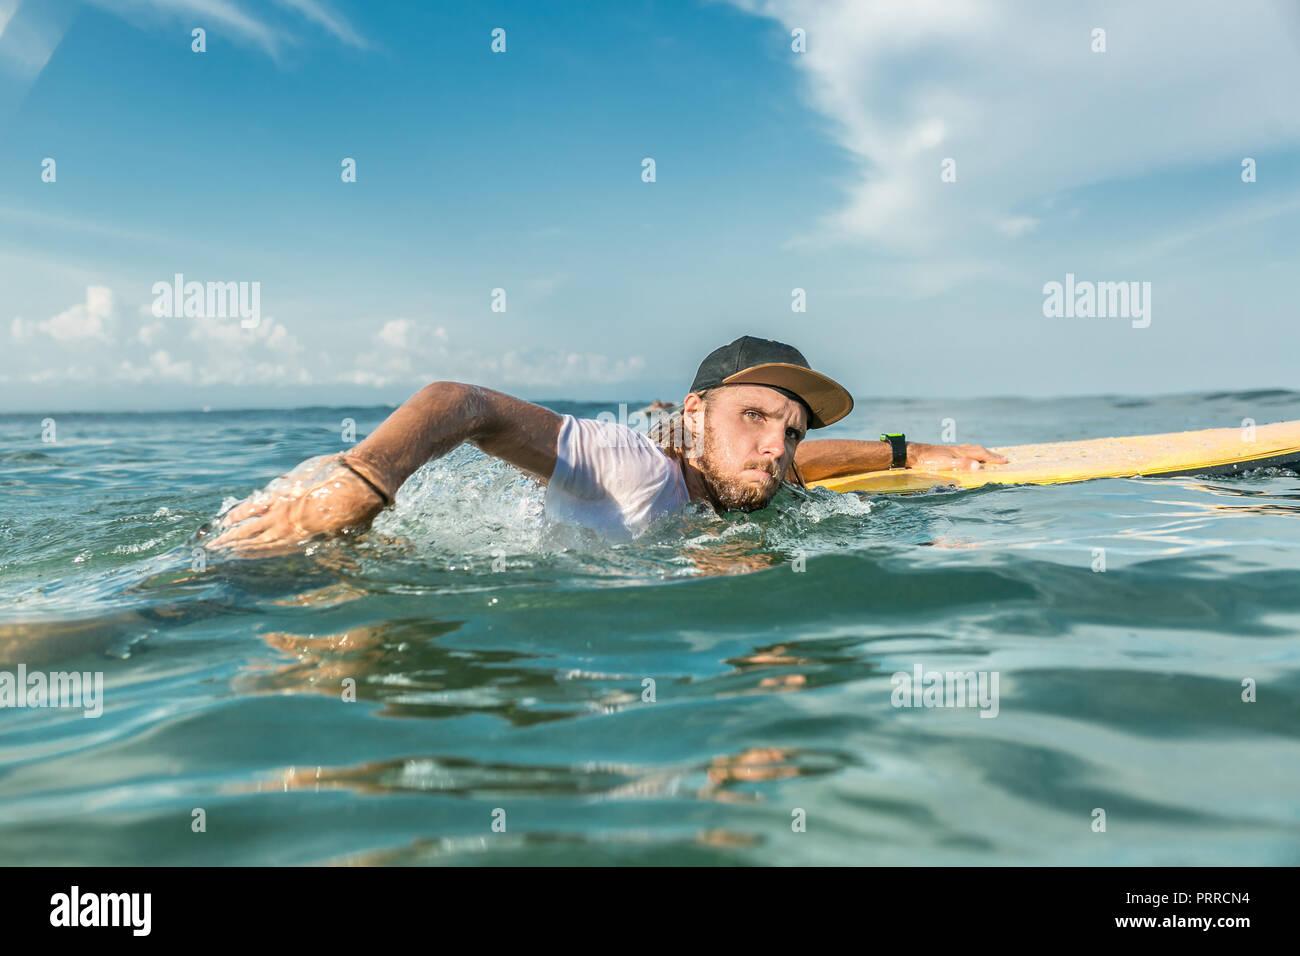 Concentrato surfista maschio nuoto con scheda di navigazione in oceano presso la spiaggia di Nusa Dua, Bali, Indonesia Immagini Stock